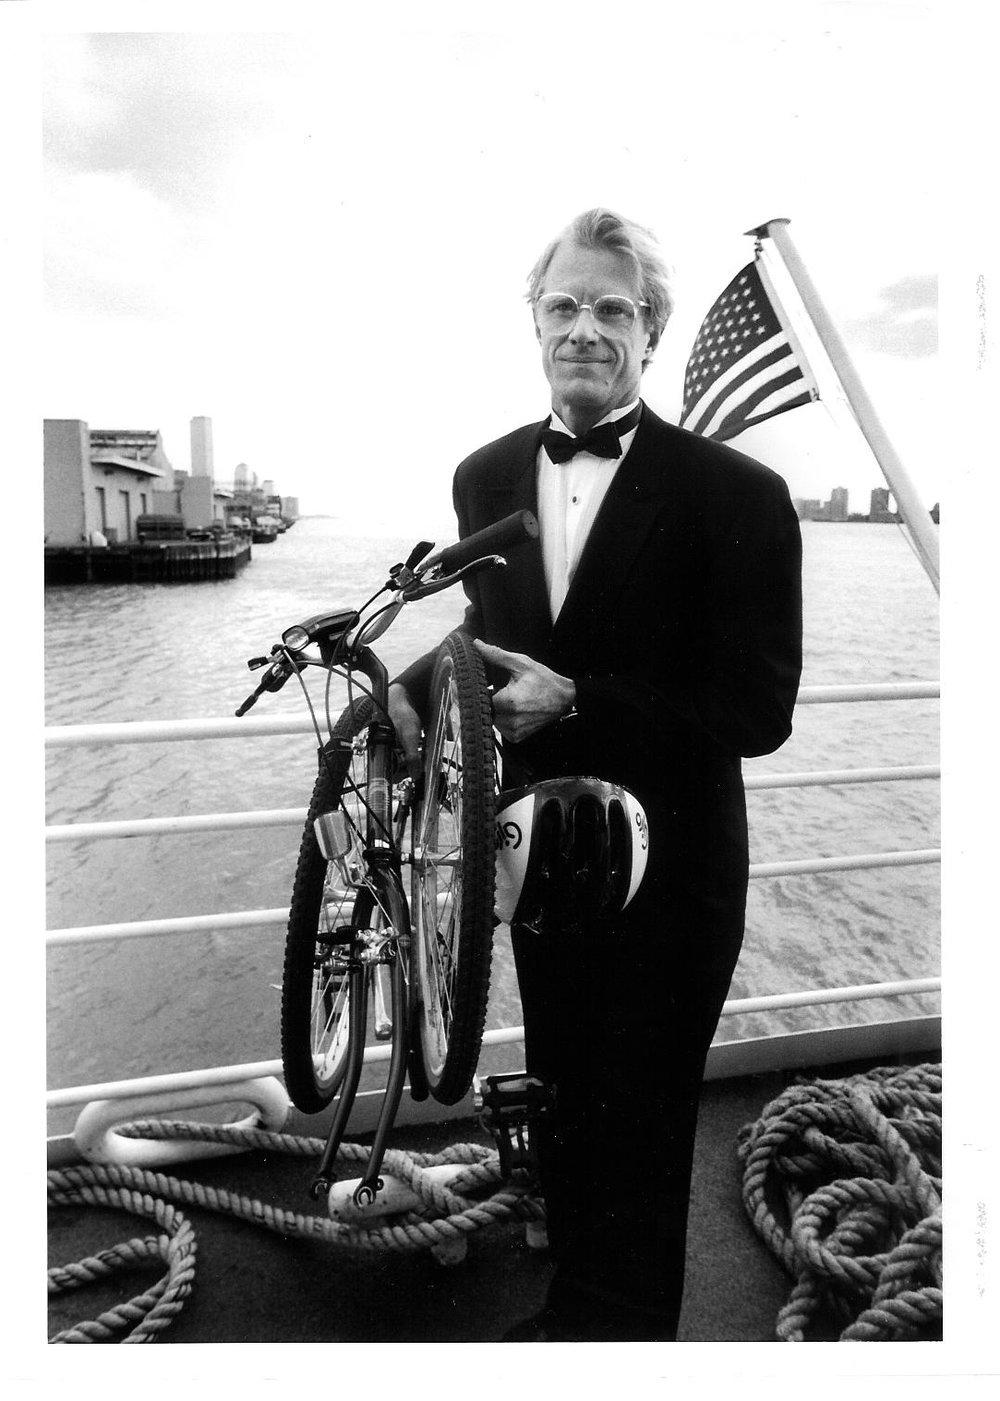 Ed with Bike.jpg